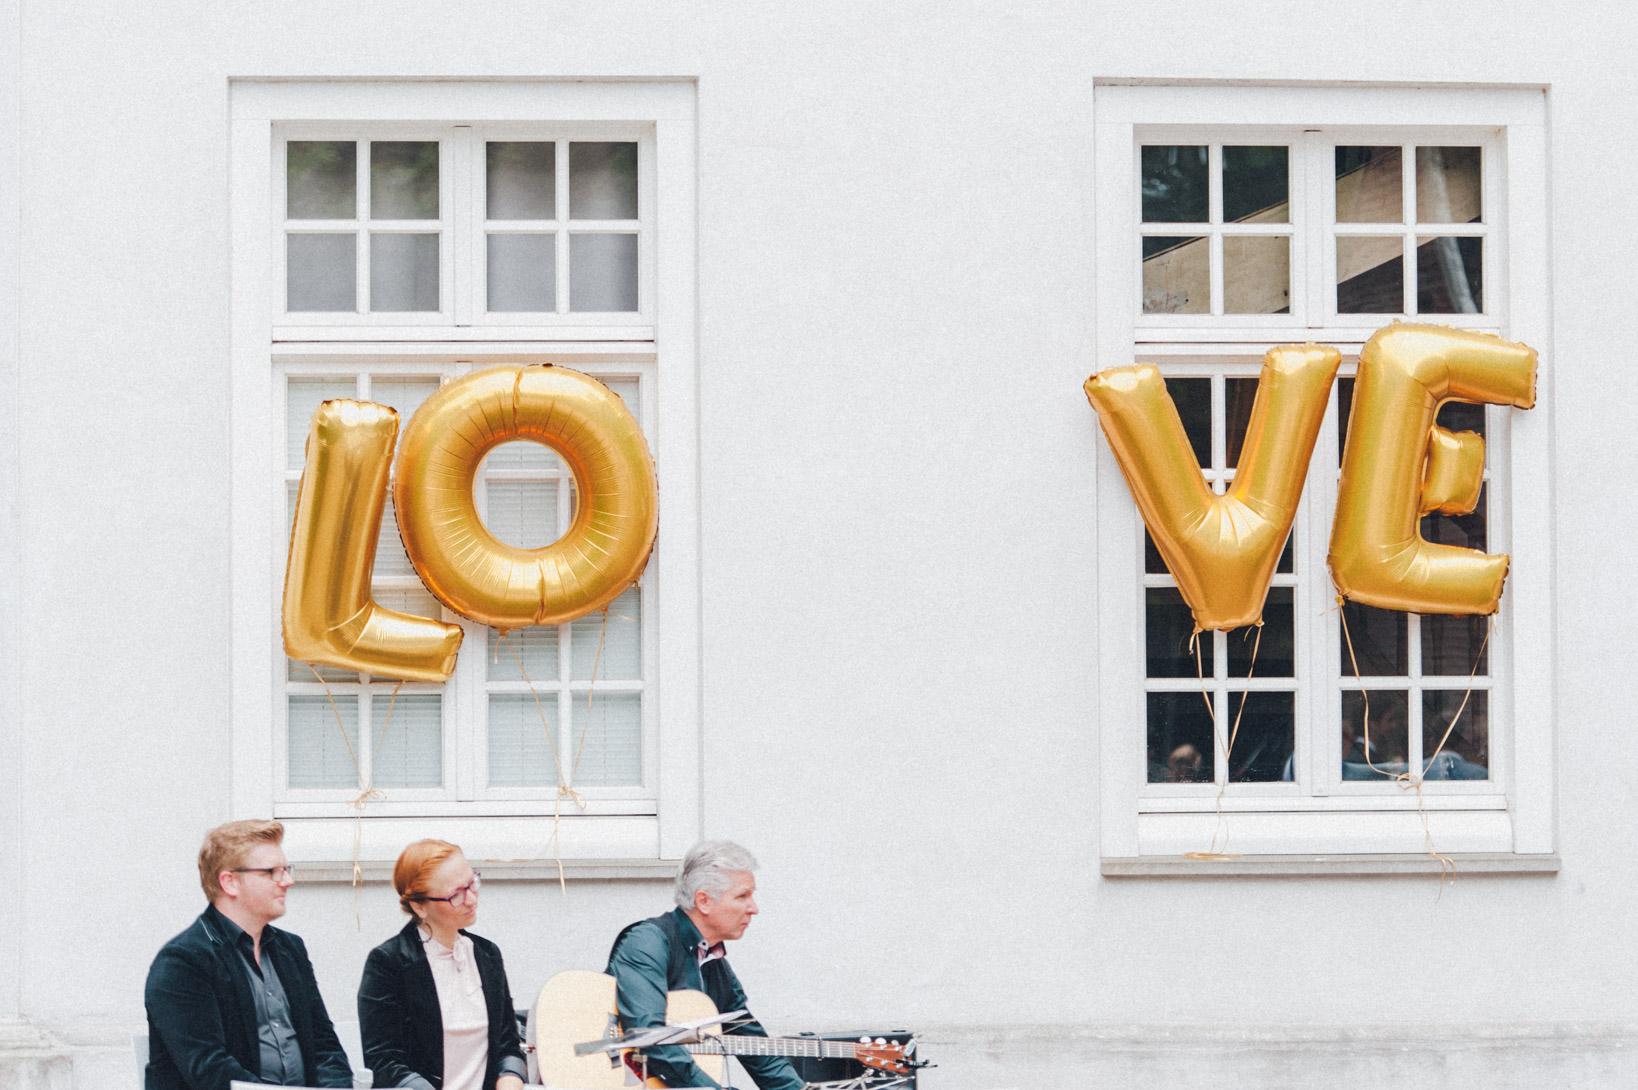 DIY-Hochzeit-gold-VW-Bully-50 Janet & Pierre DIY Midsummer-Wedding in Gold mit VW BulliDIY Hochzeit gold VW Bully 50